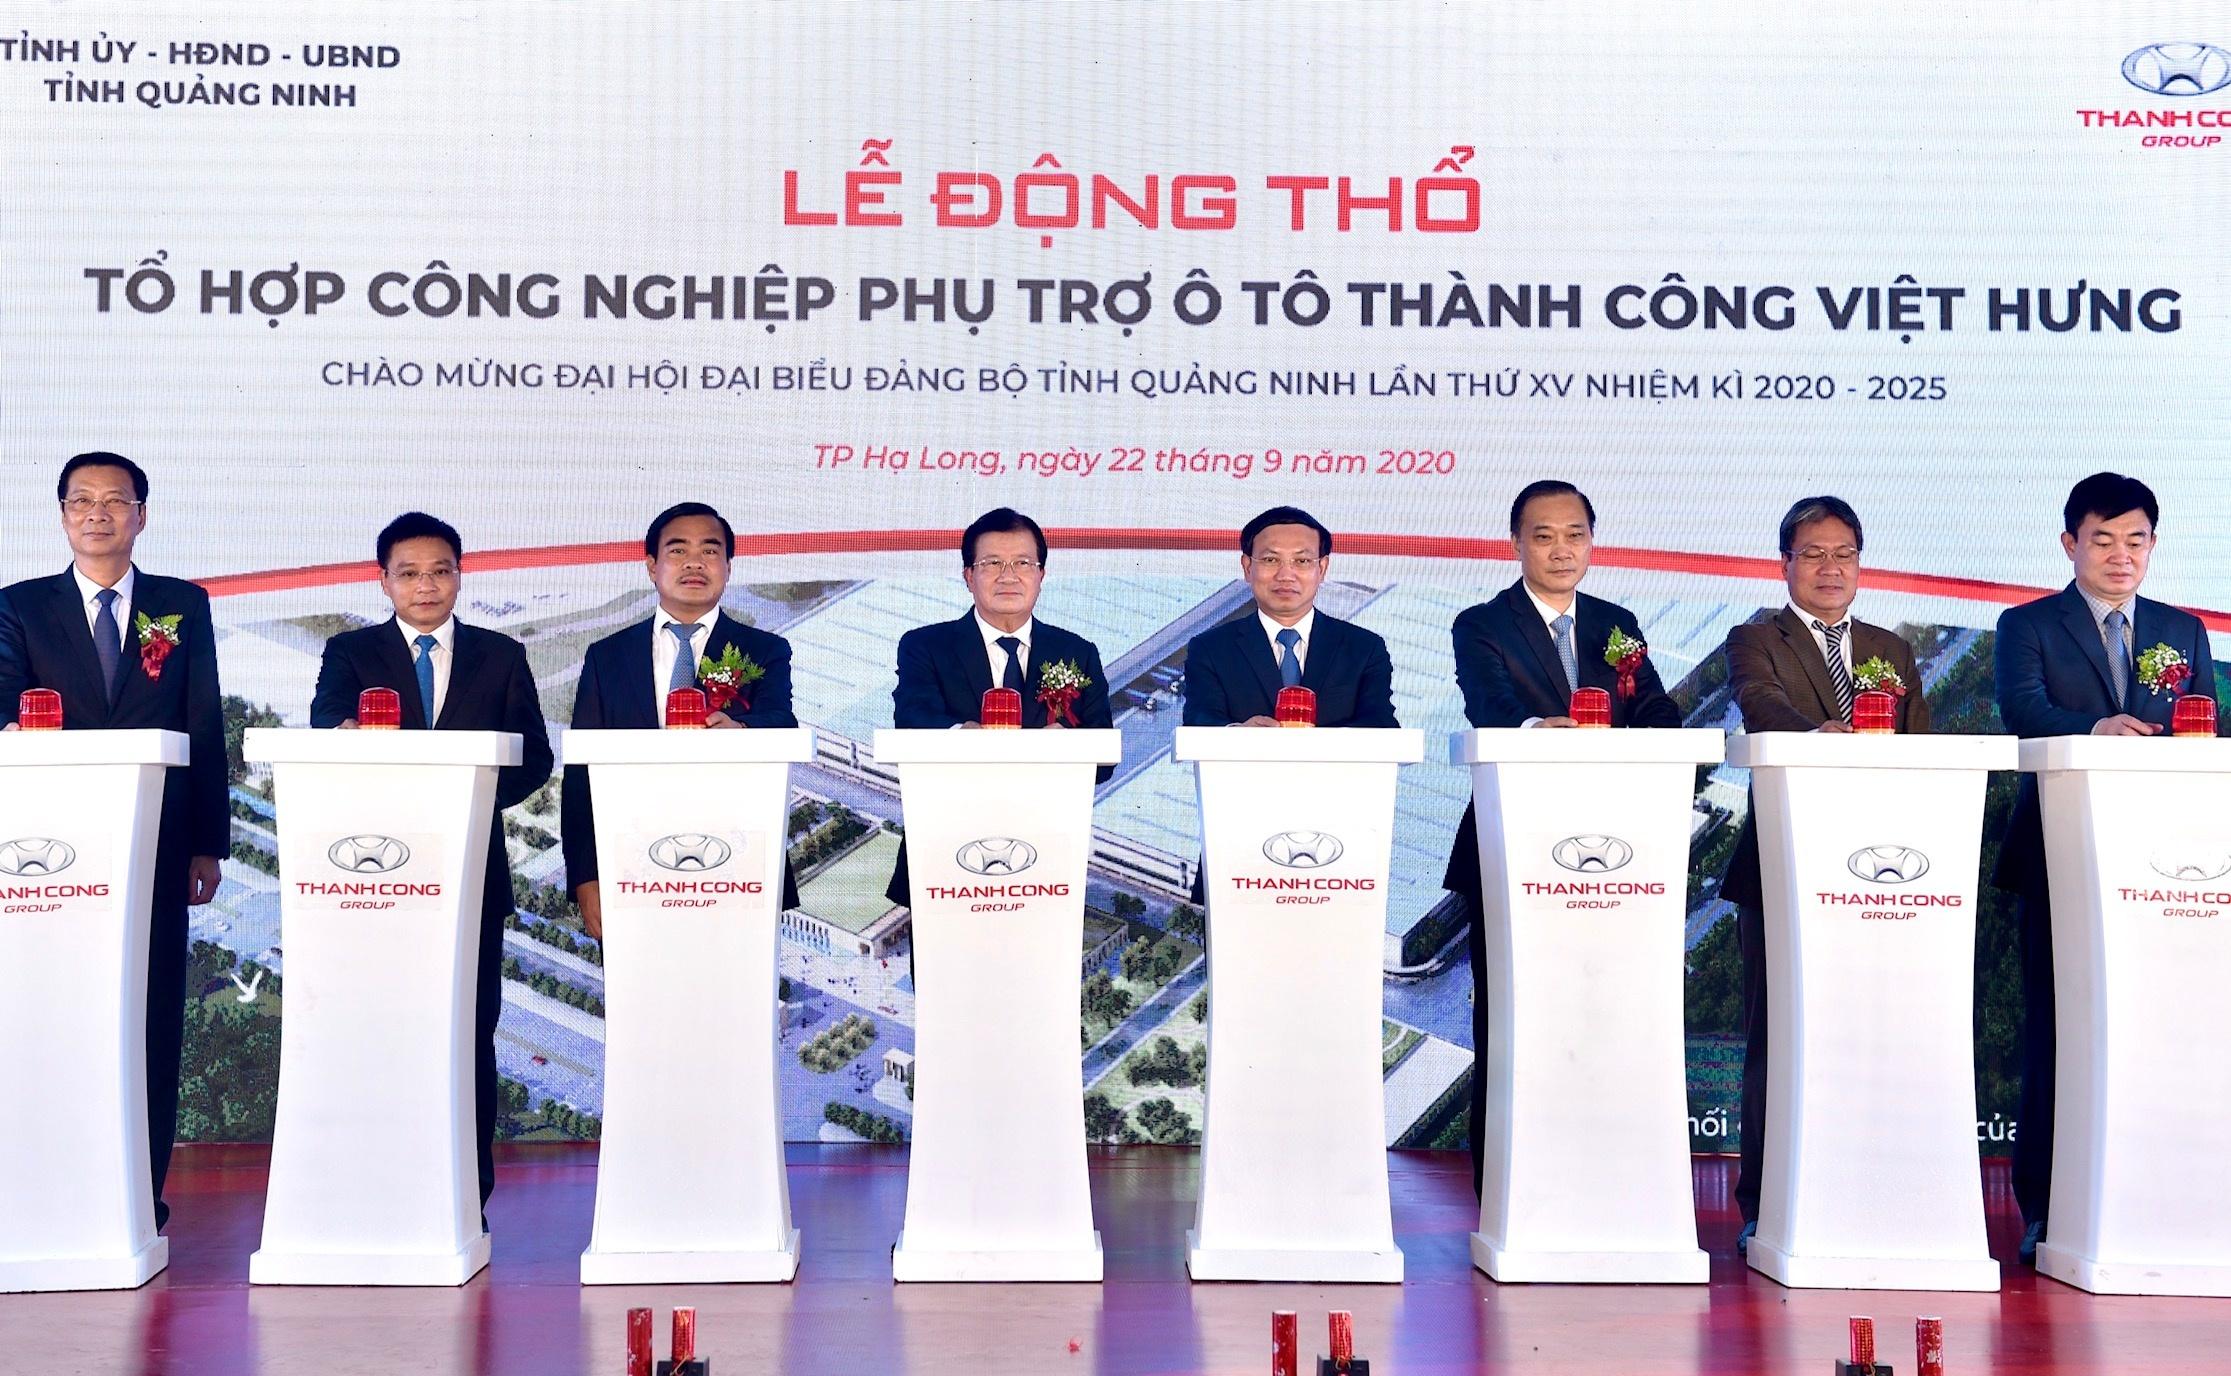 khoi dong to hop cong nghiep phu tro o to tai quang ninh